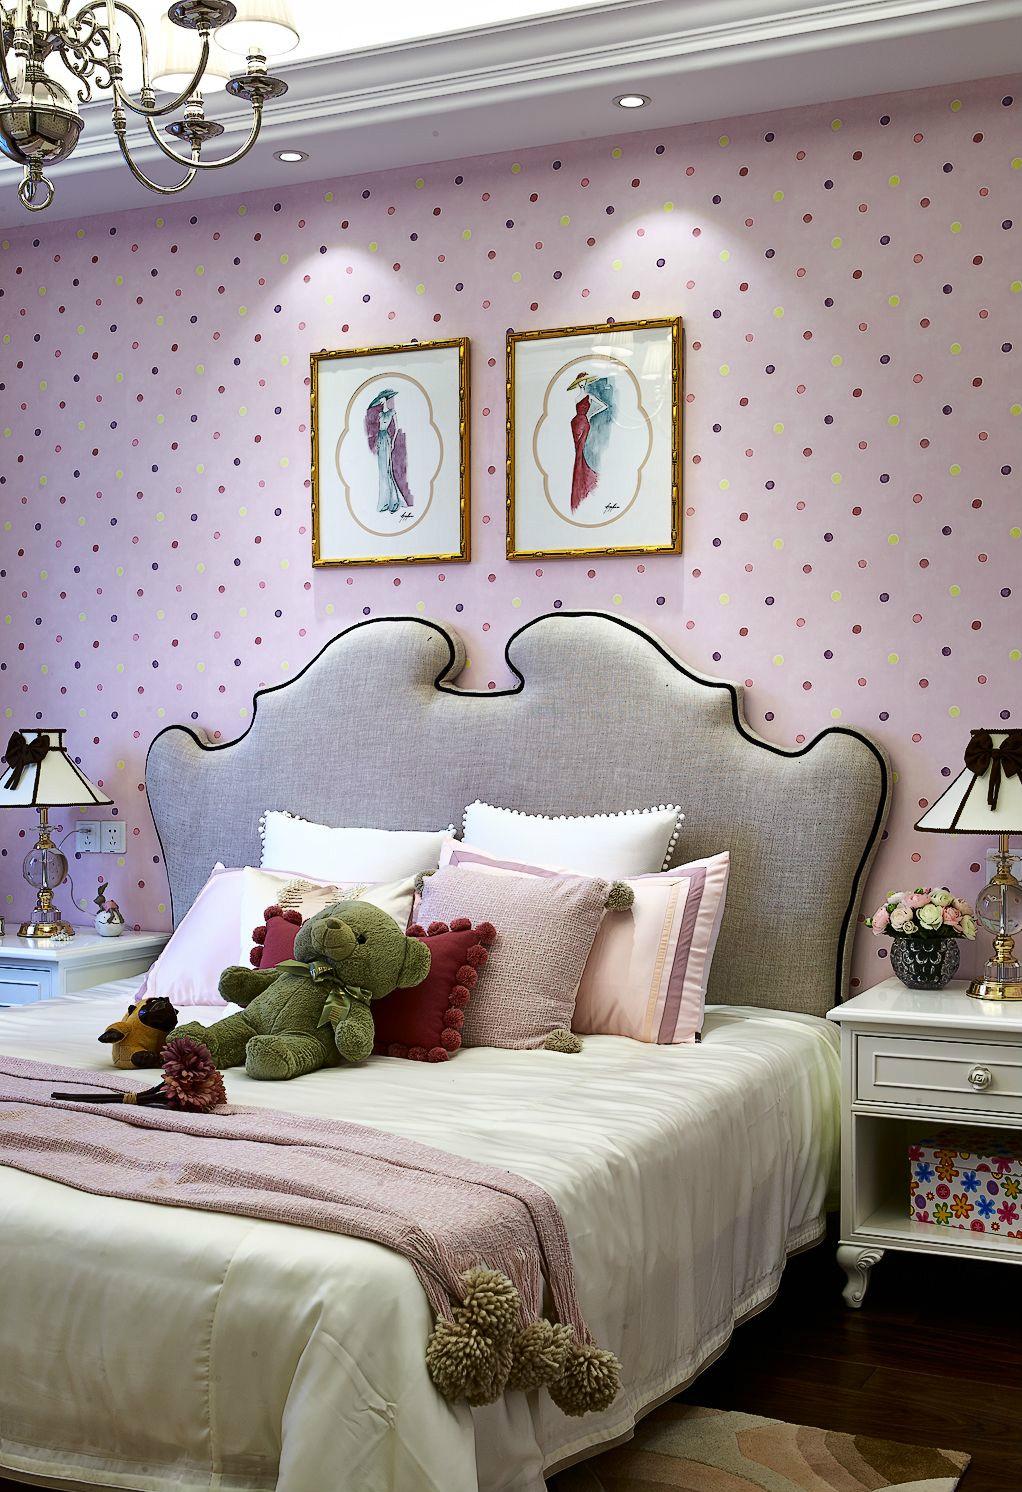 这是一间女性卧室设计,粉色的背景墙,卡通玩偶,一种柔美甜蜜的感觉袭上心来。